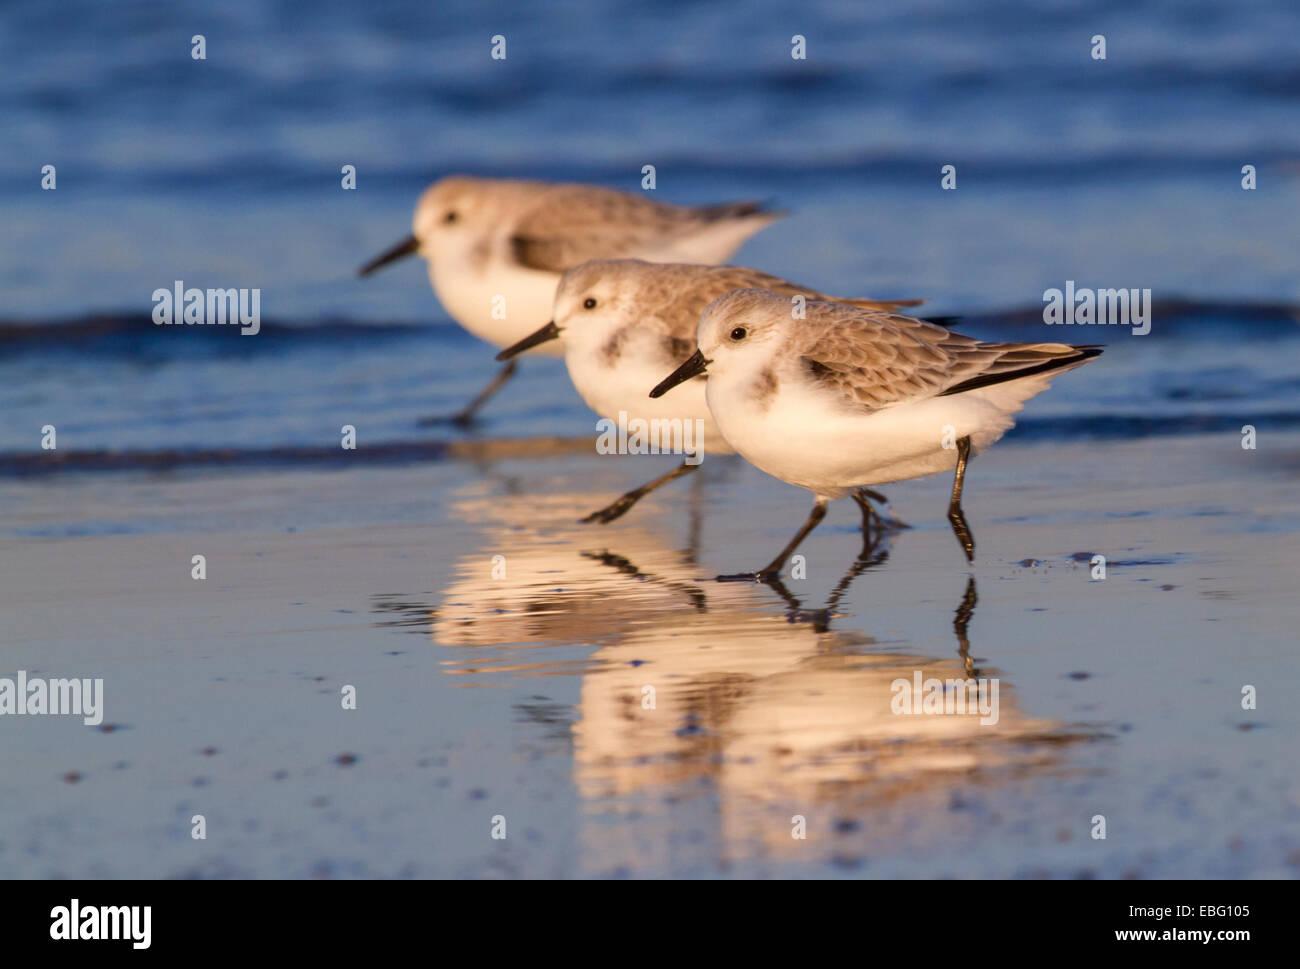 A group of sanderlings (Calidris alba) in winter plumage